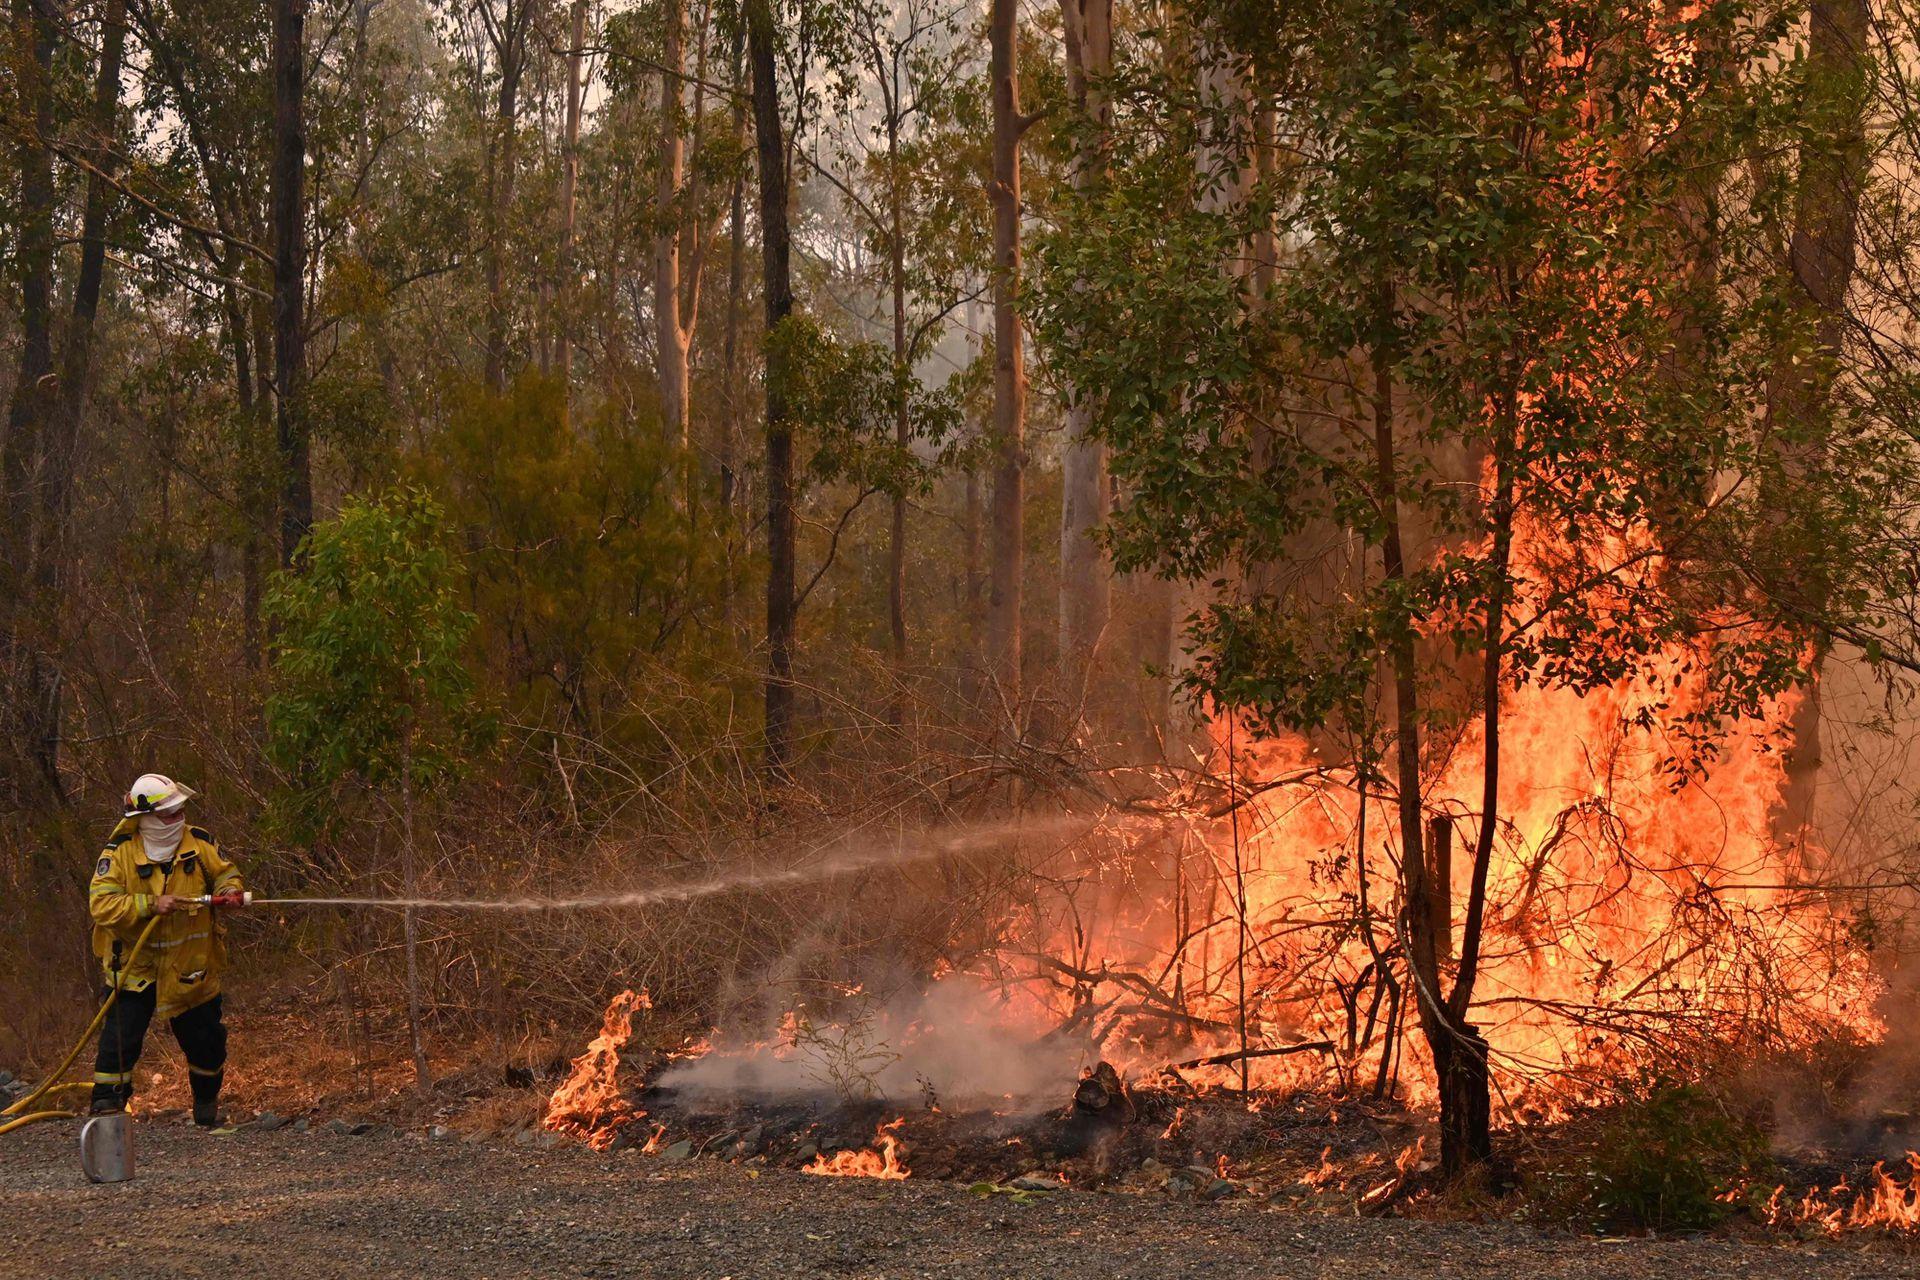 Decenas de incendios asolan el este de Australia, mientras los bomberos luchan con grandes dificultades para extinguir muchos focos al mismo tiempo